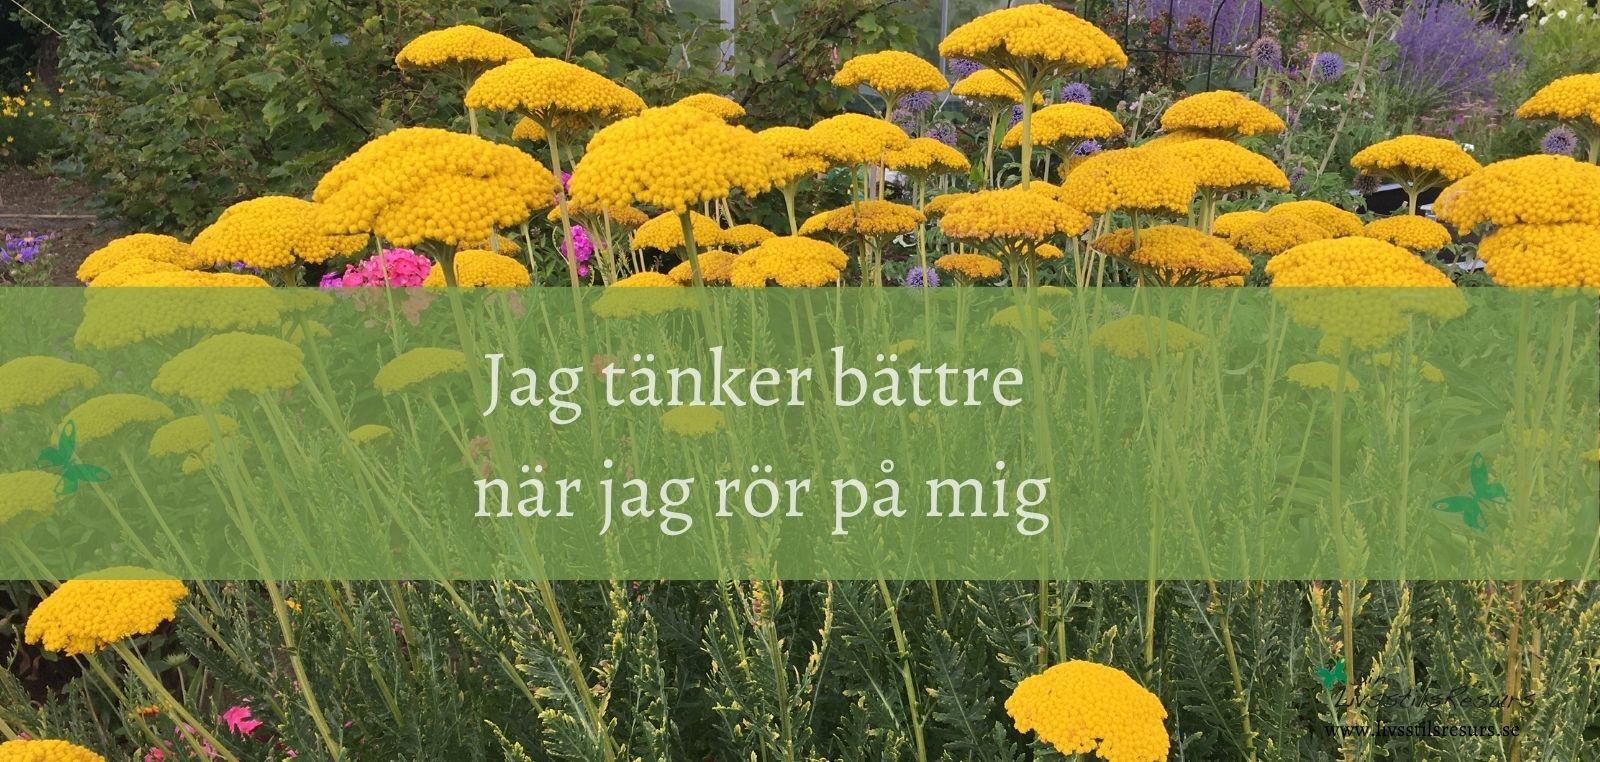 Affirmation för rörelseglädje med blommor i bakgrunden